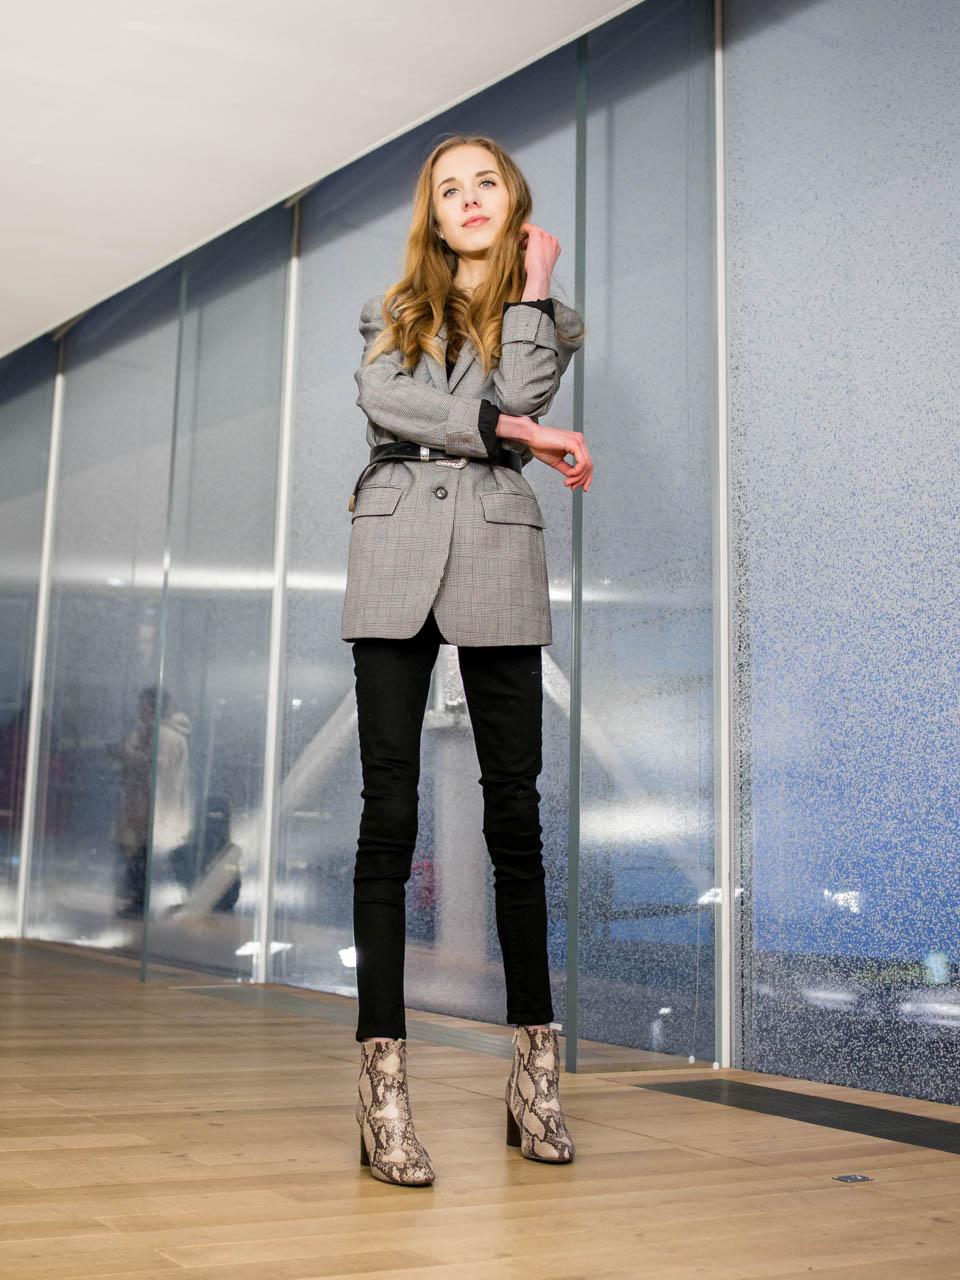 Minimalistic chic outfit with blazer and a belt - Minimalistinen ja tyylikäs asu bleiserin ja vyön kanssa